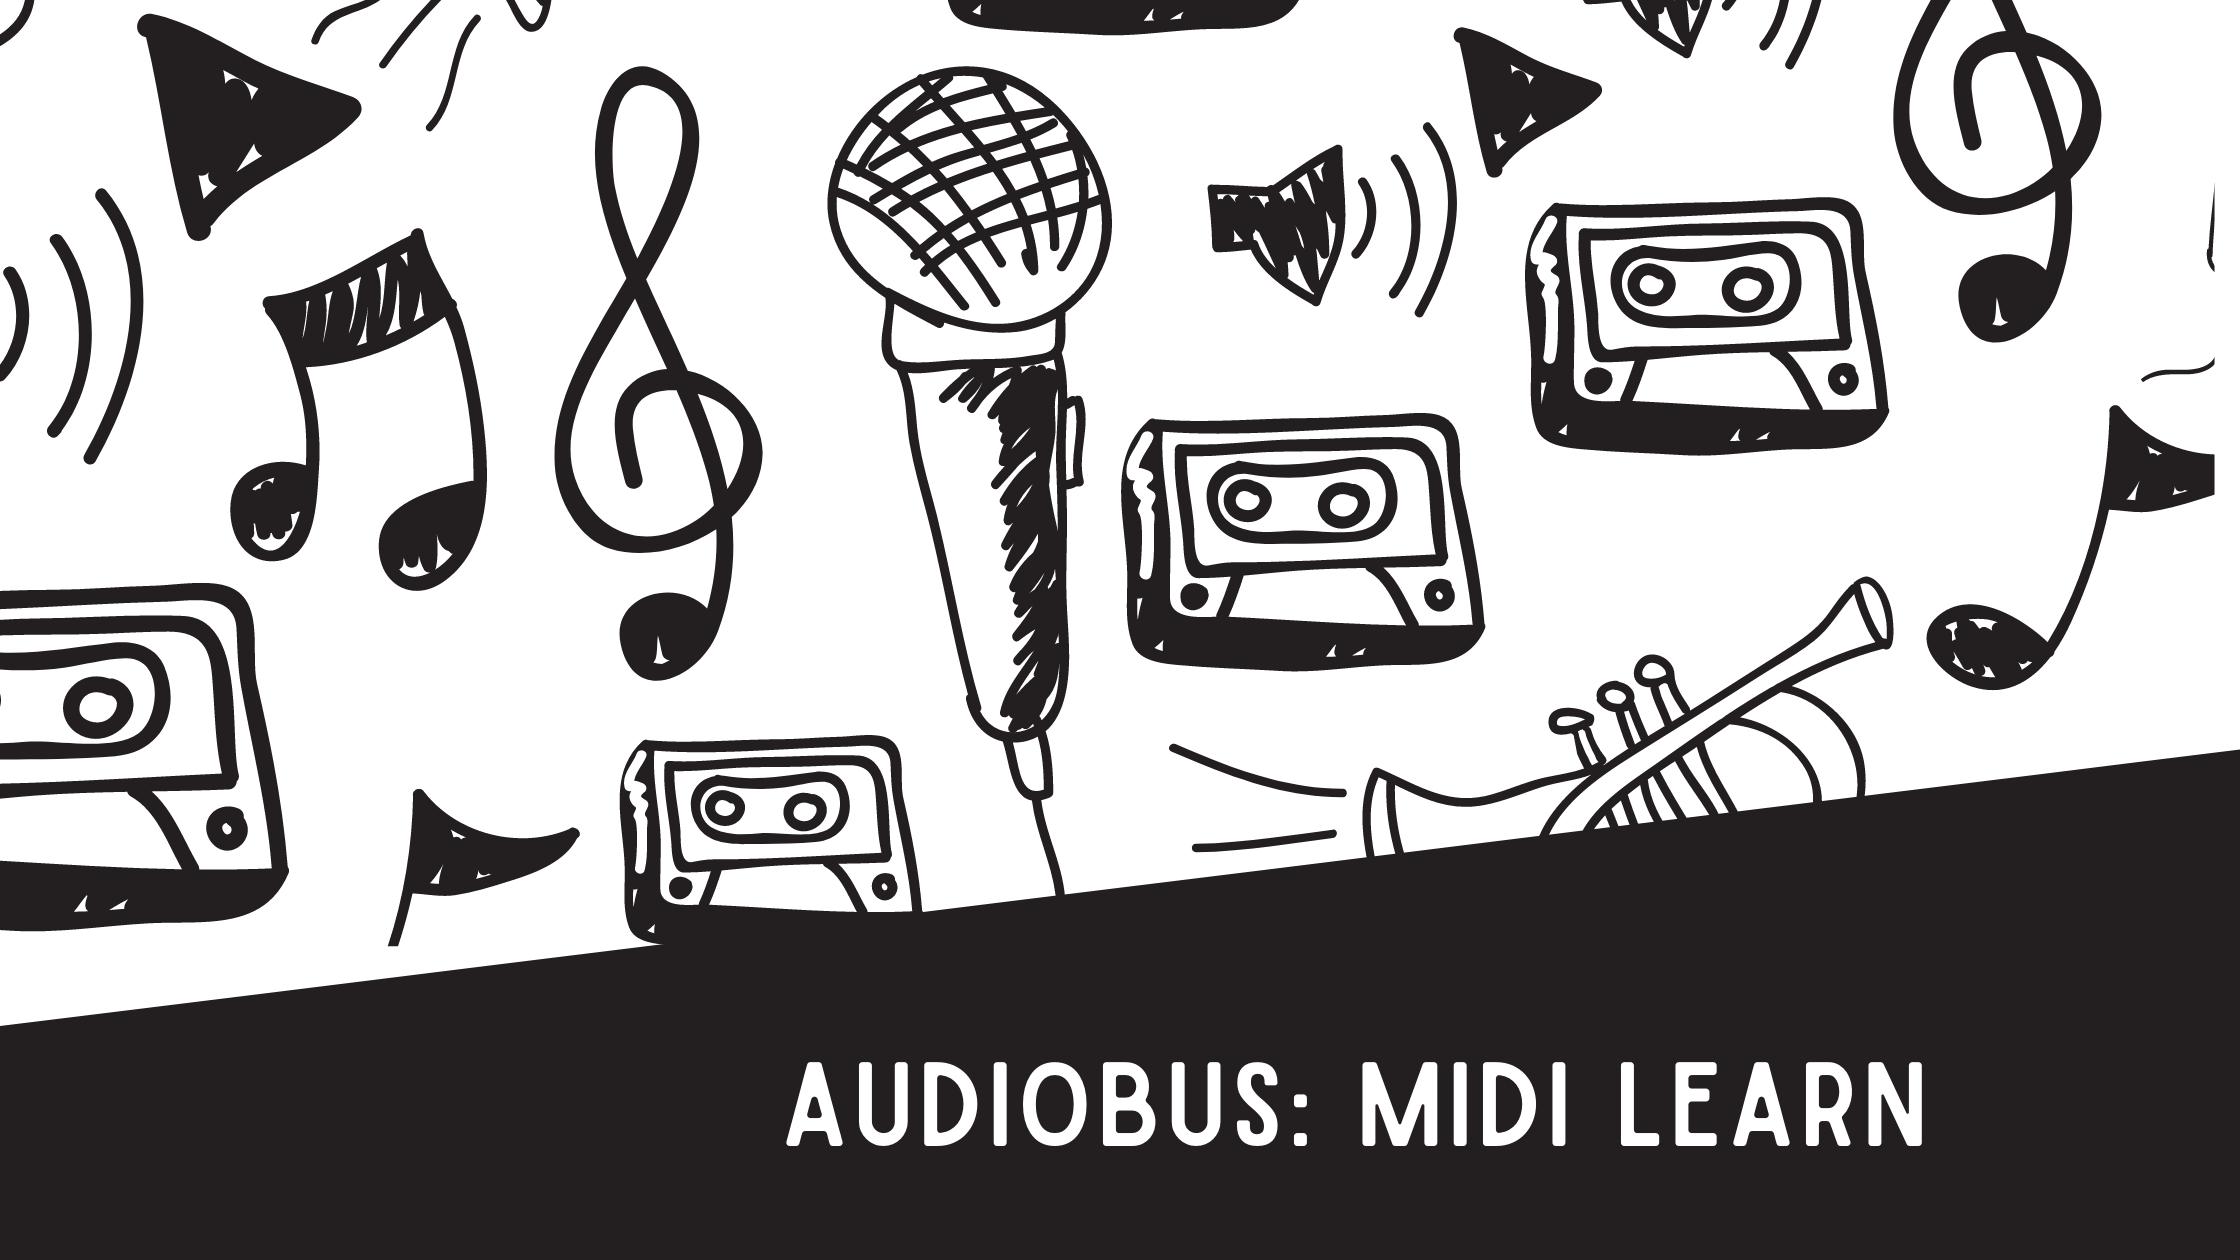 Audiobus: MIDI Learn